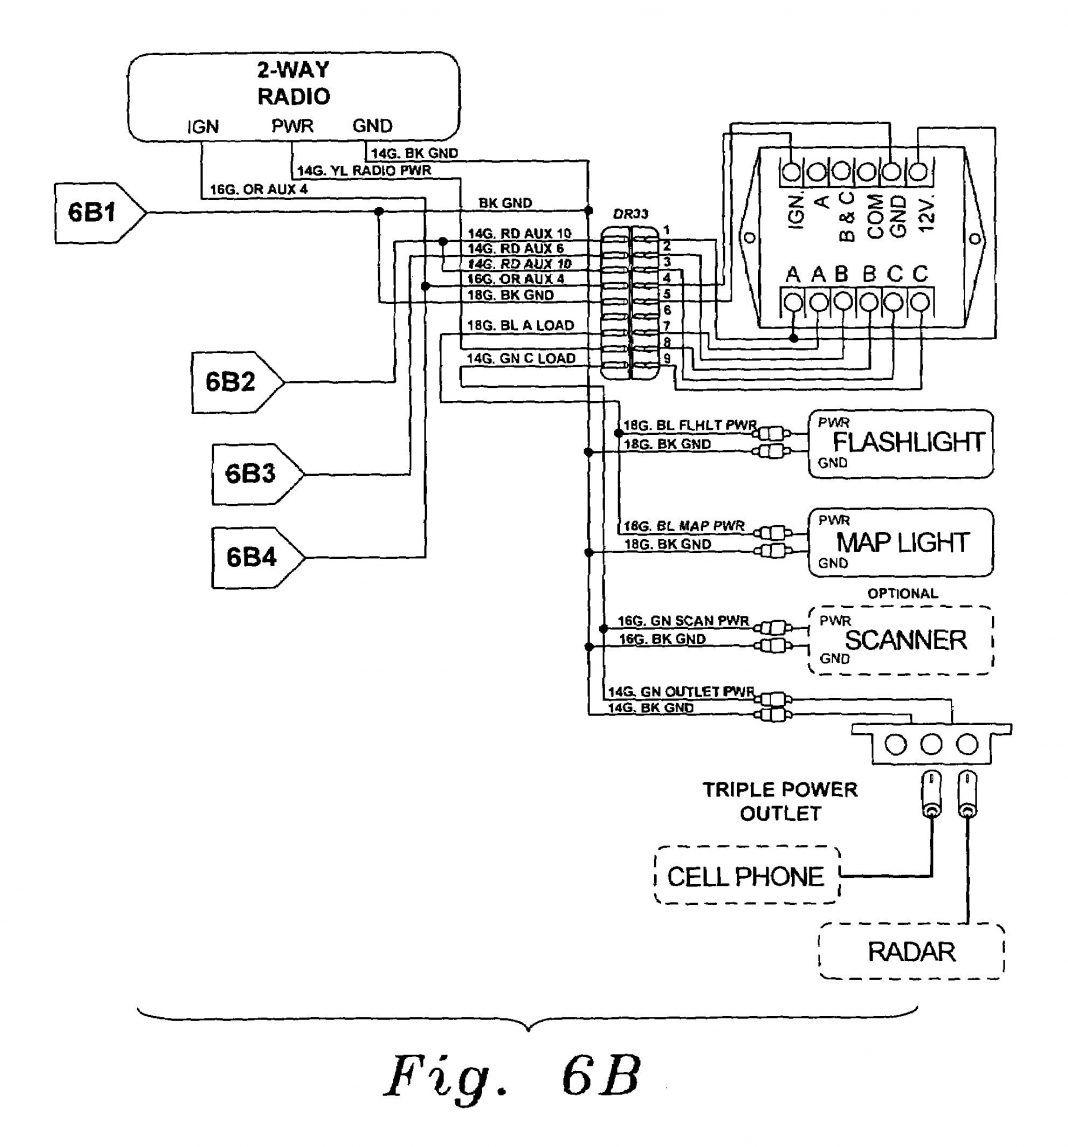 17 Good Federal Signal Legend Lightbar Wiring Diagram Ideas - bacamajalah |  Diagram, Whelen lights, Strobe lights | Whelen Emergency Lights Wiring Diagram |  | Pinterest